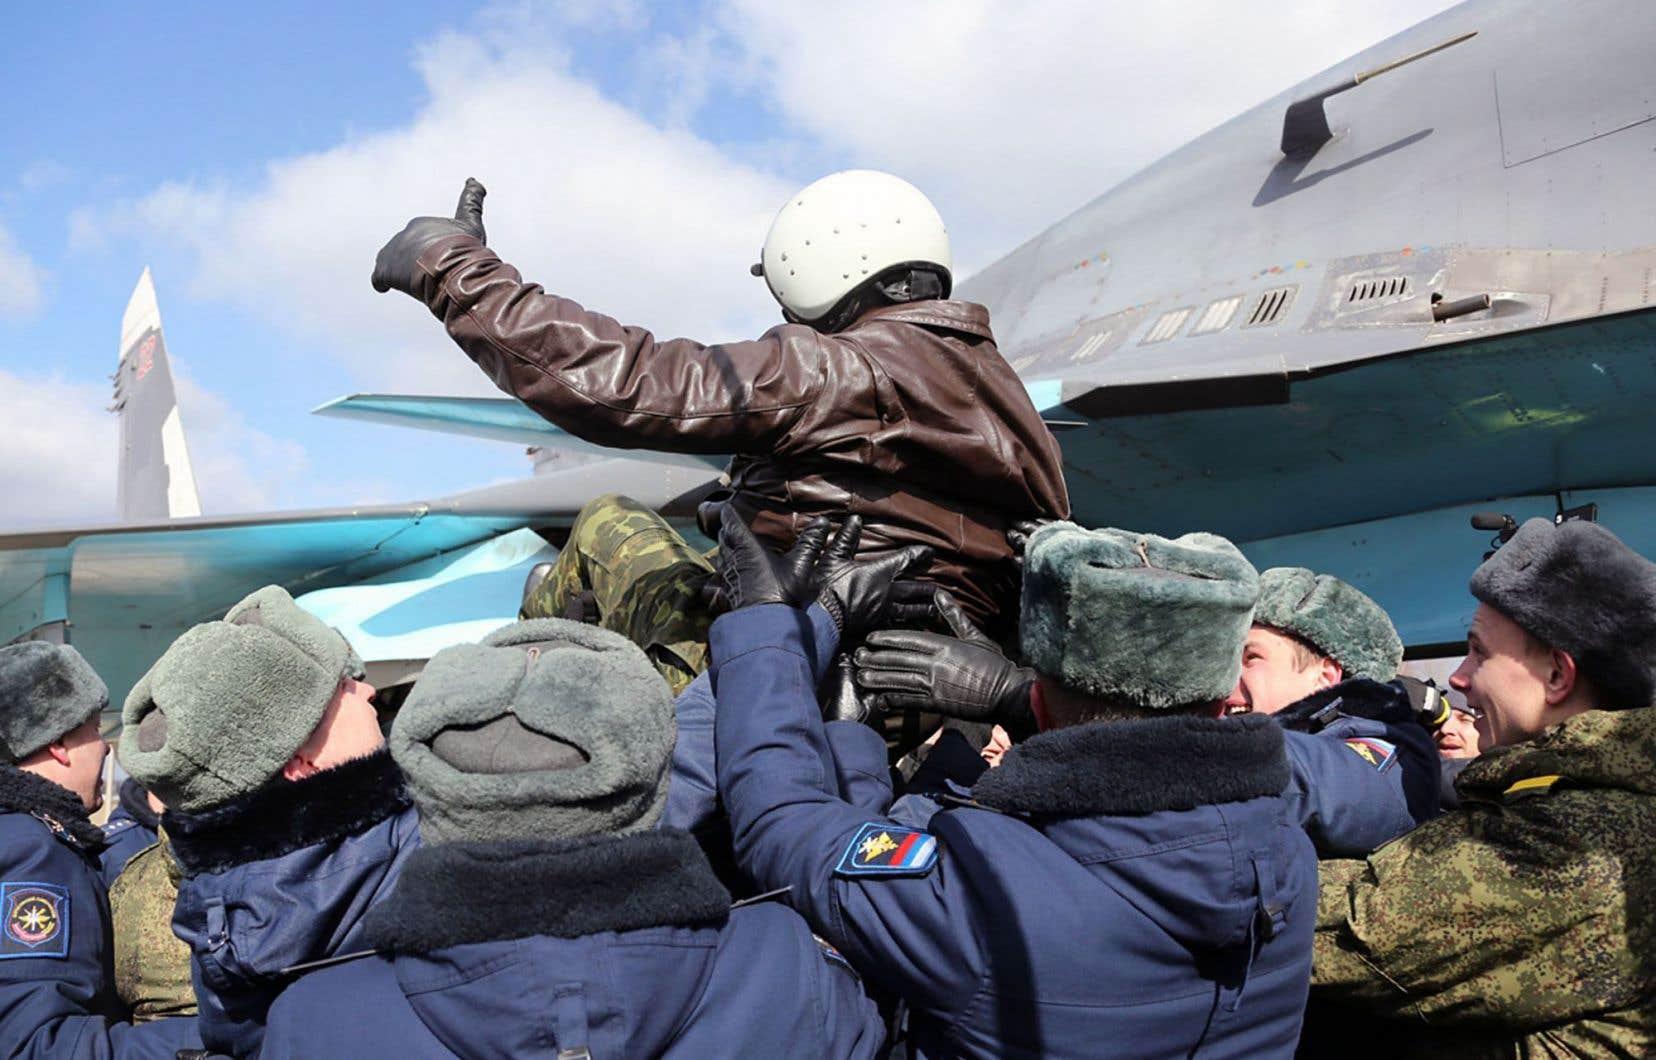 Les pilotes revenus en Russie après leur mission en Syrie ont été accueillis en héros.